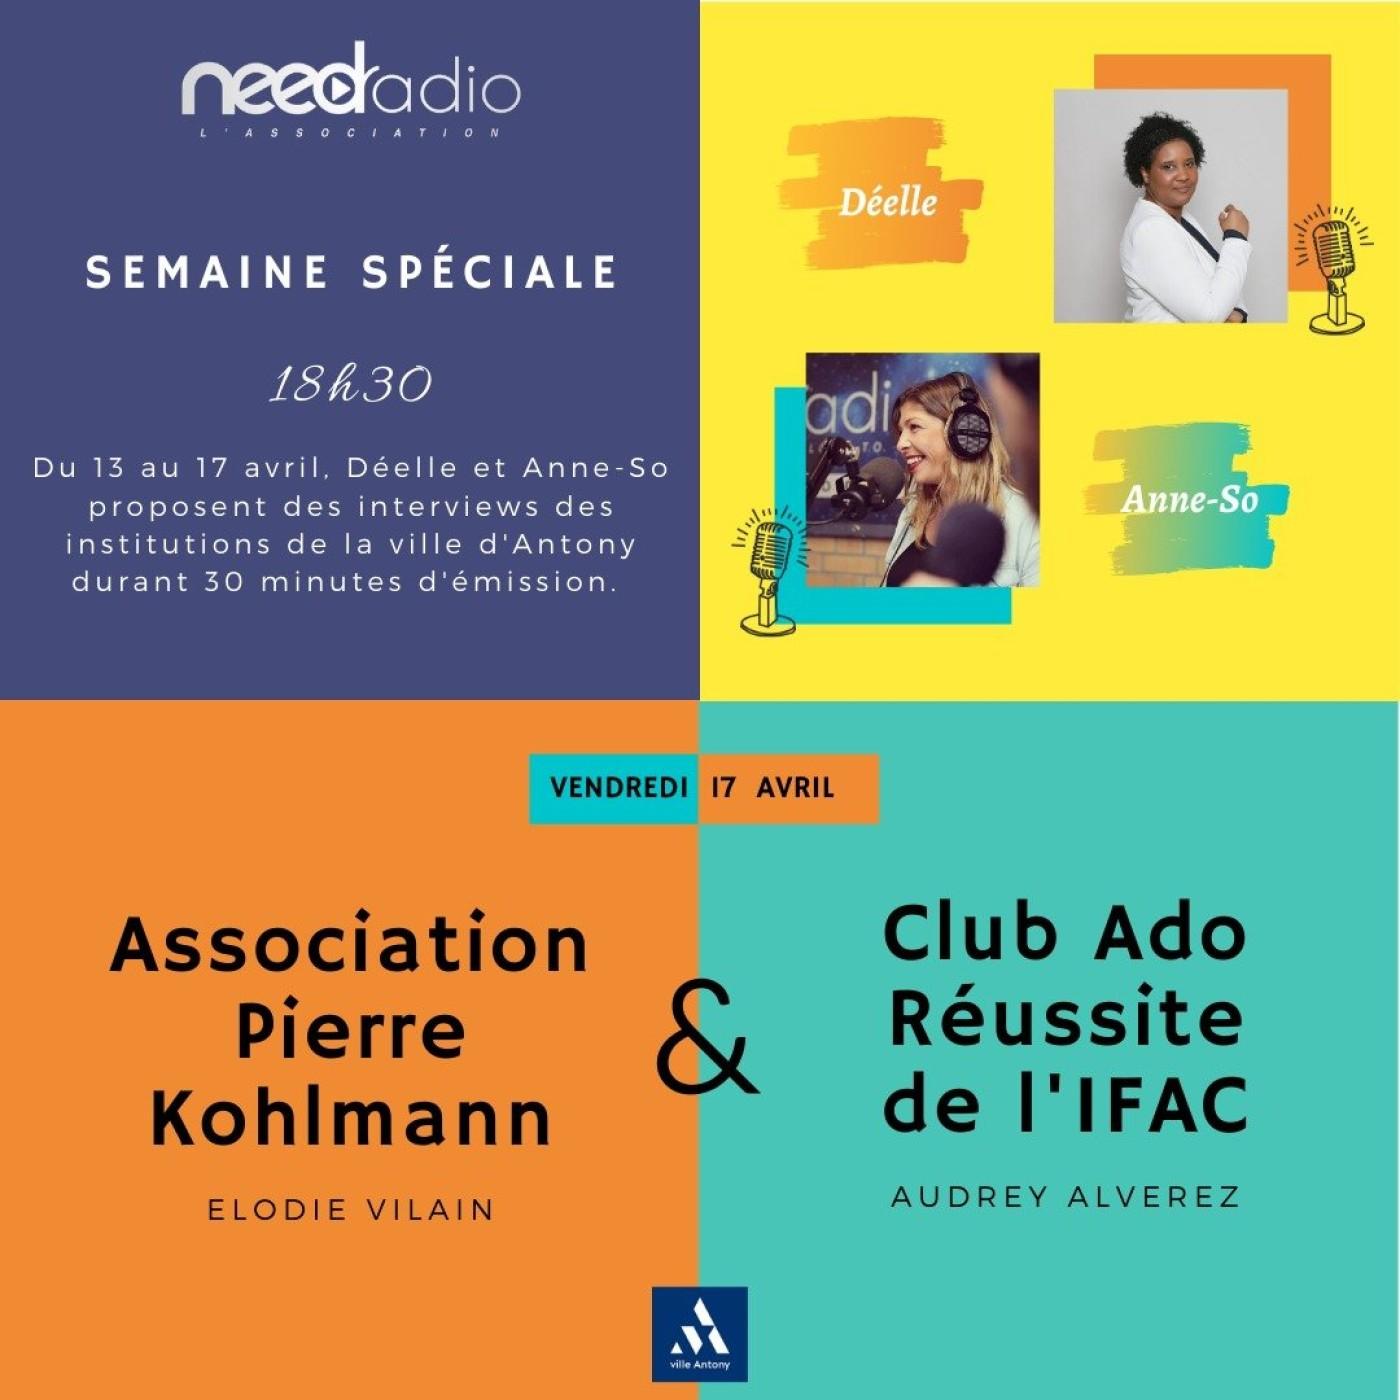 #NRVDLP spéciale confinement - L'IFAC et l'association Pierre Kohlmann (17/04/20)